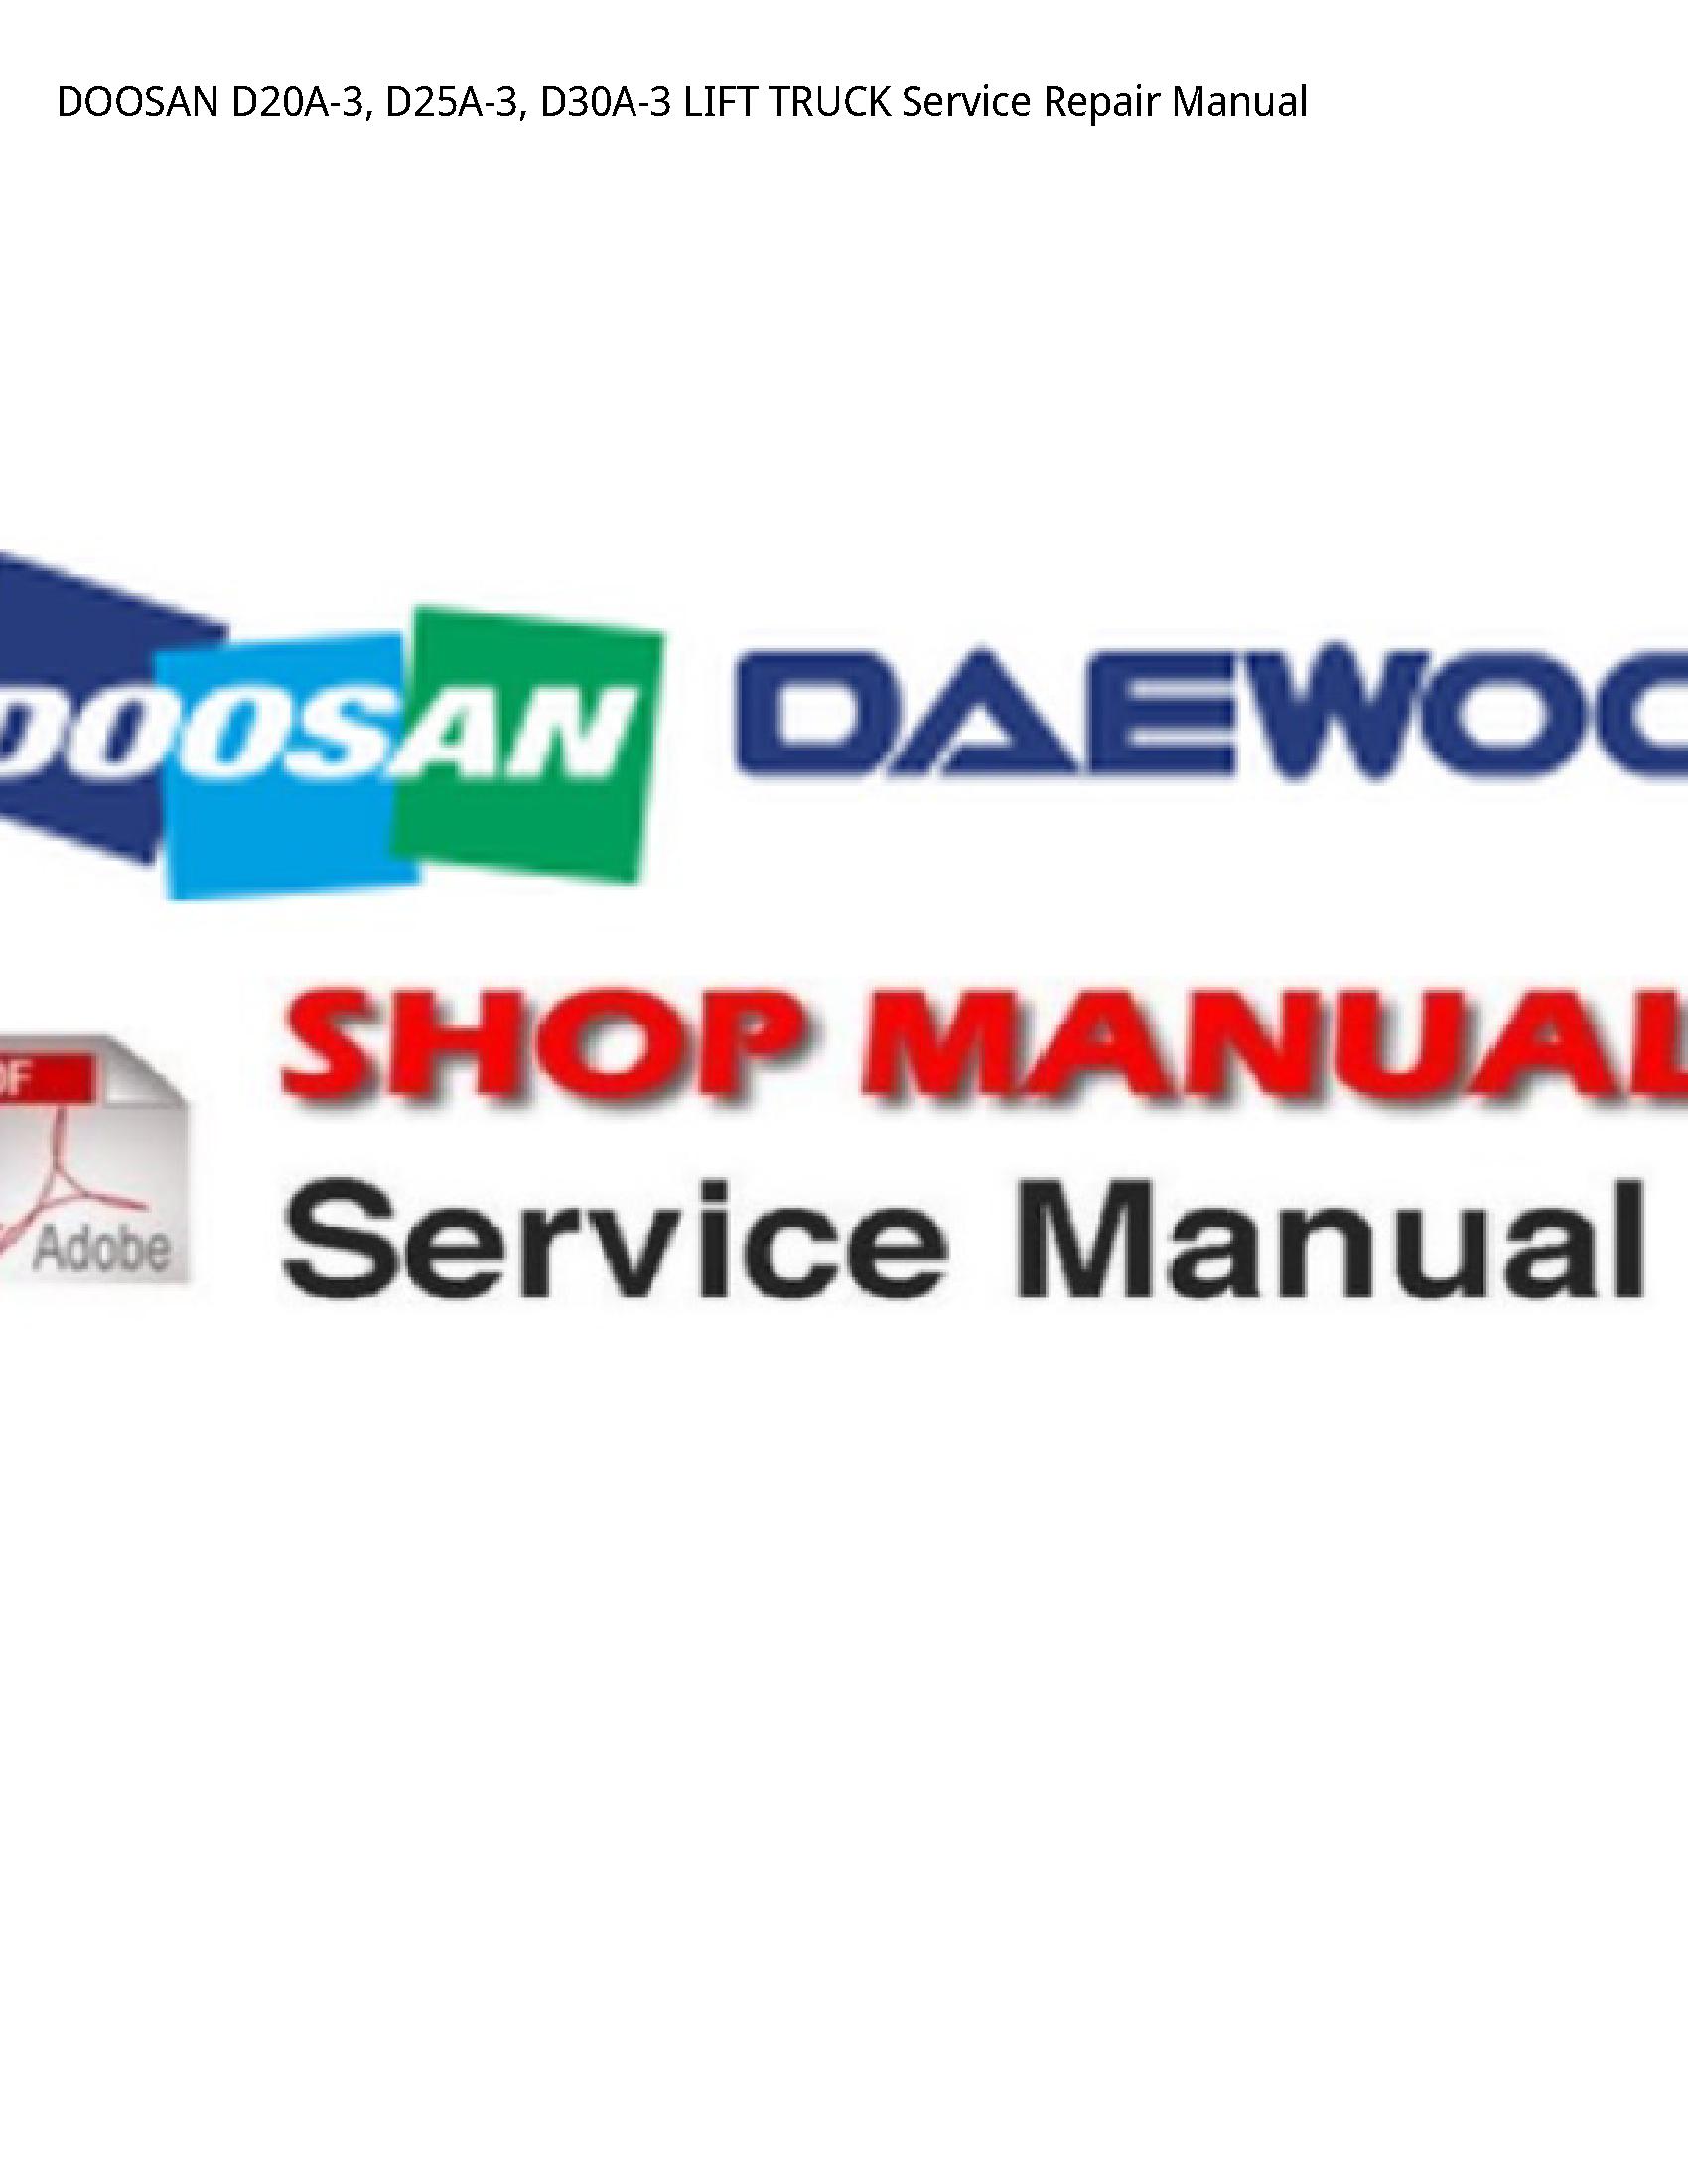 Doosan D20A-3 LIFT TRUCK manual